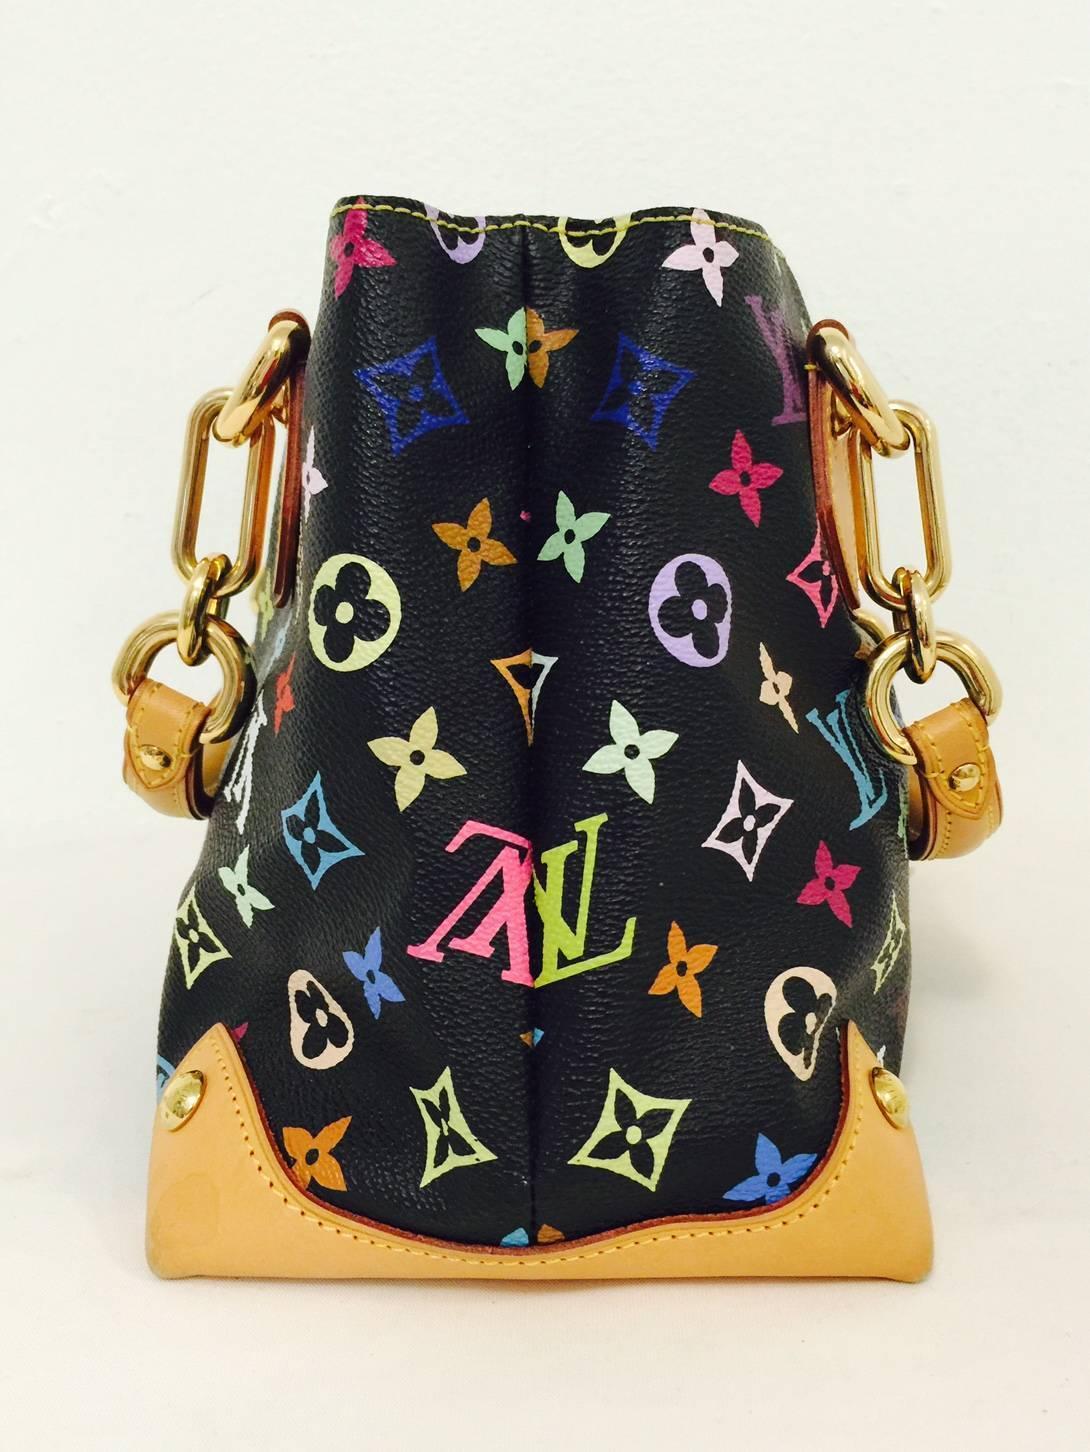 Louis Vuitton Audra Satchel With 7 Bonus Charms - Above Excellent ...